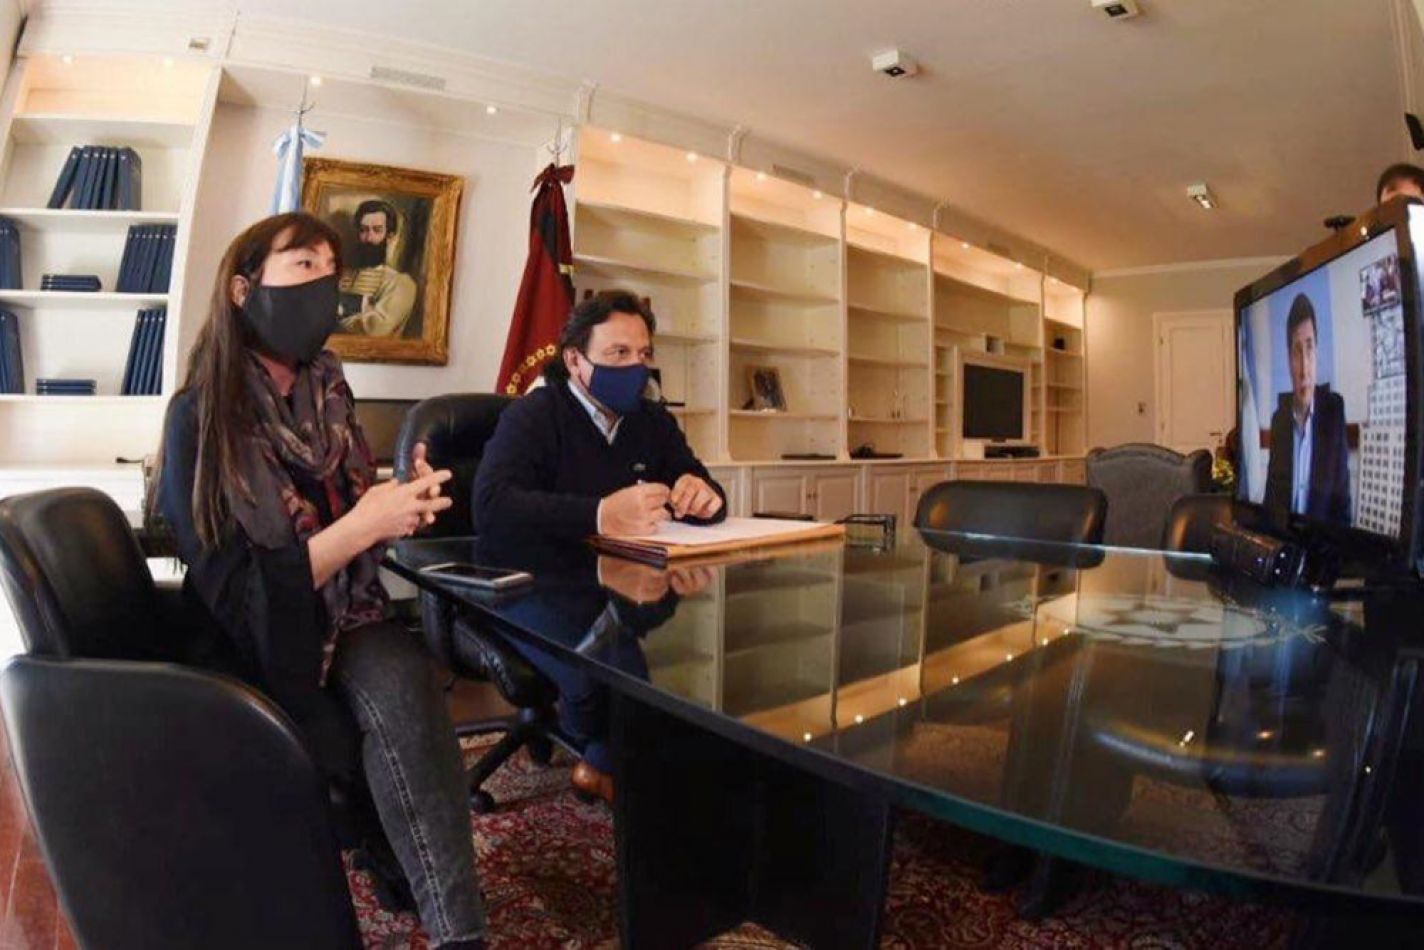 El gobernador Sáenz y el ministro Arroyo firmaron convenios para acompañar a más de 63 mil familias del Chaco salteño